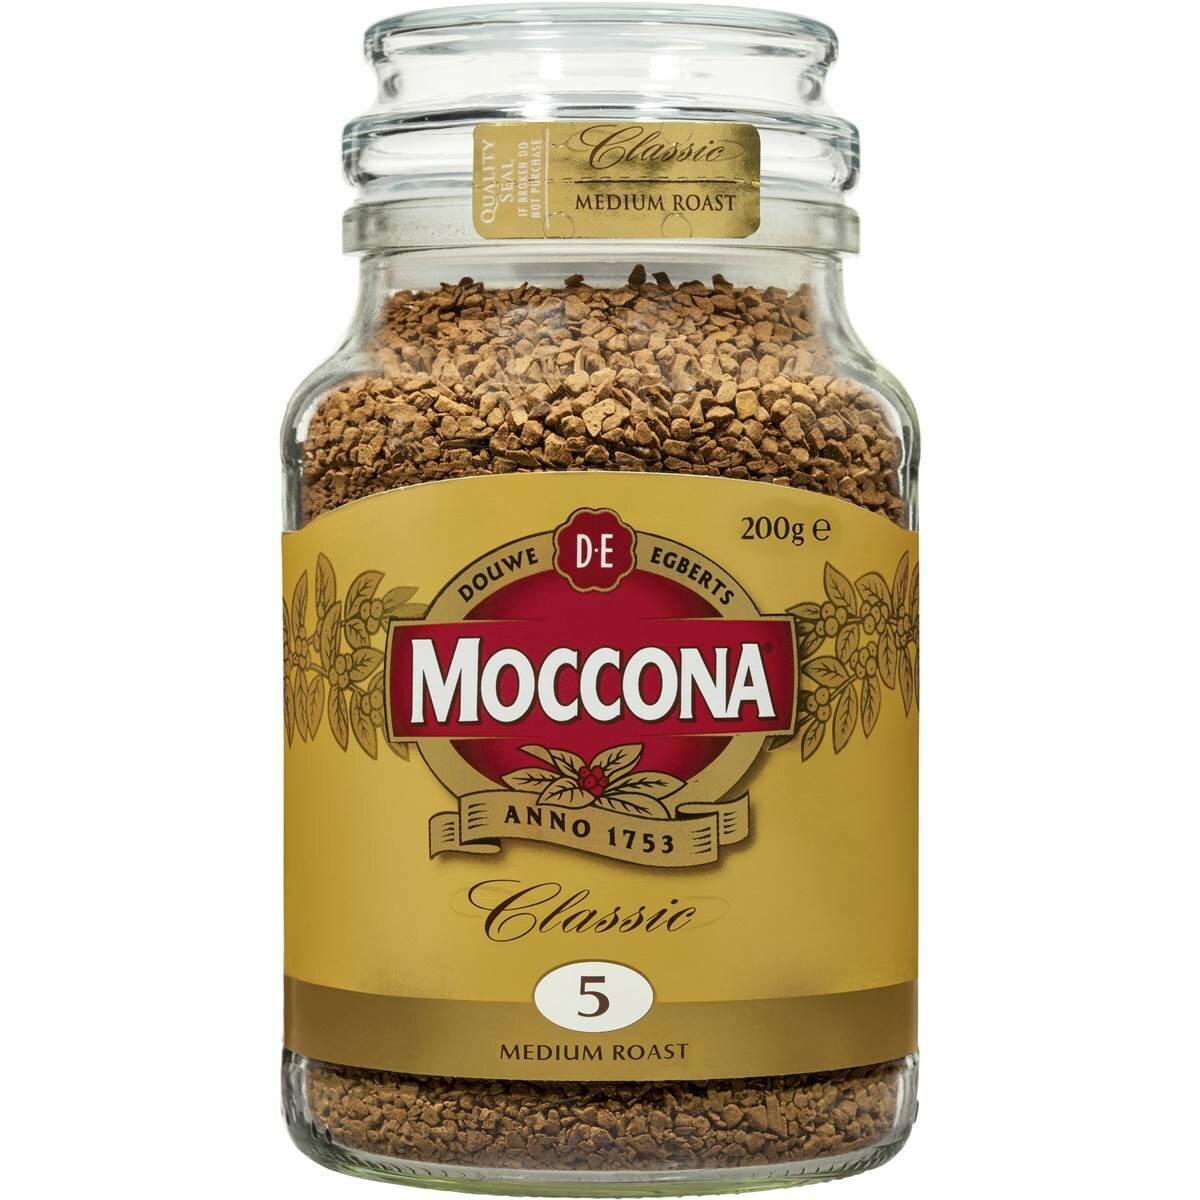 Moccona 200G